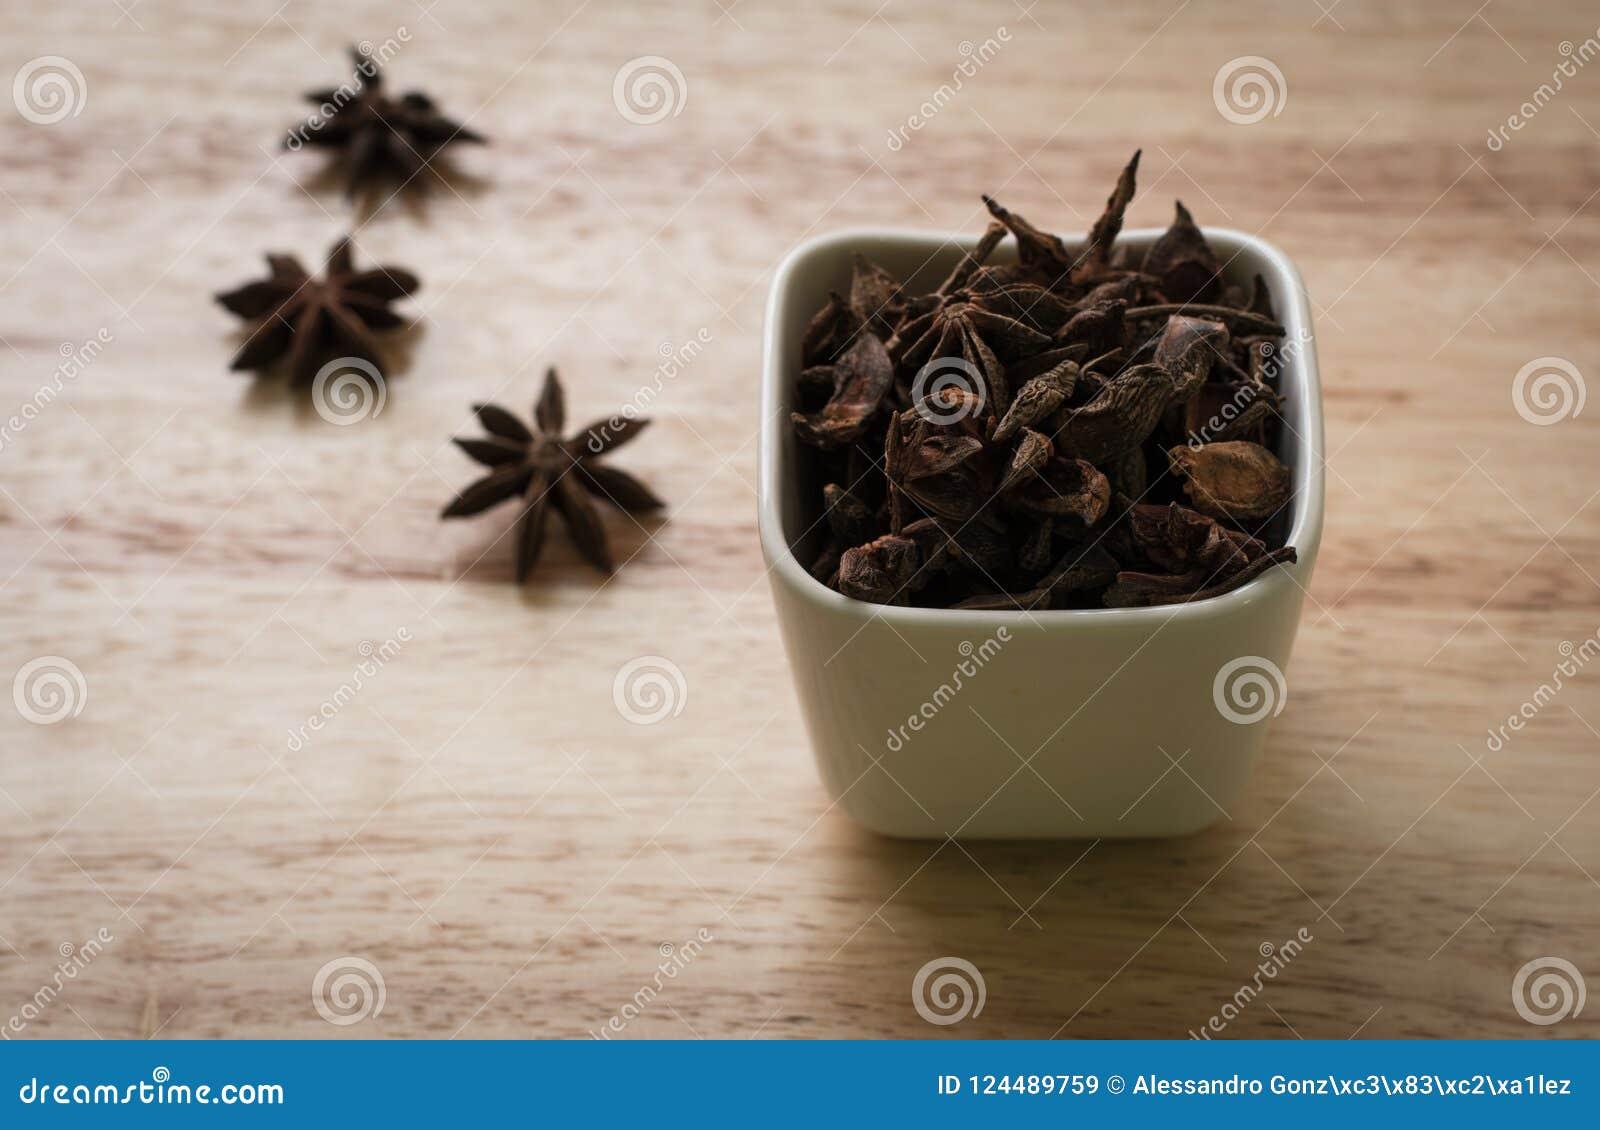 Steranijsplant in ceramische container